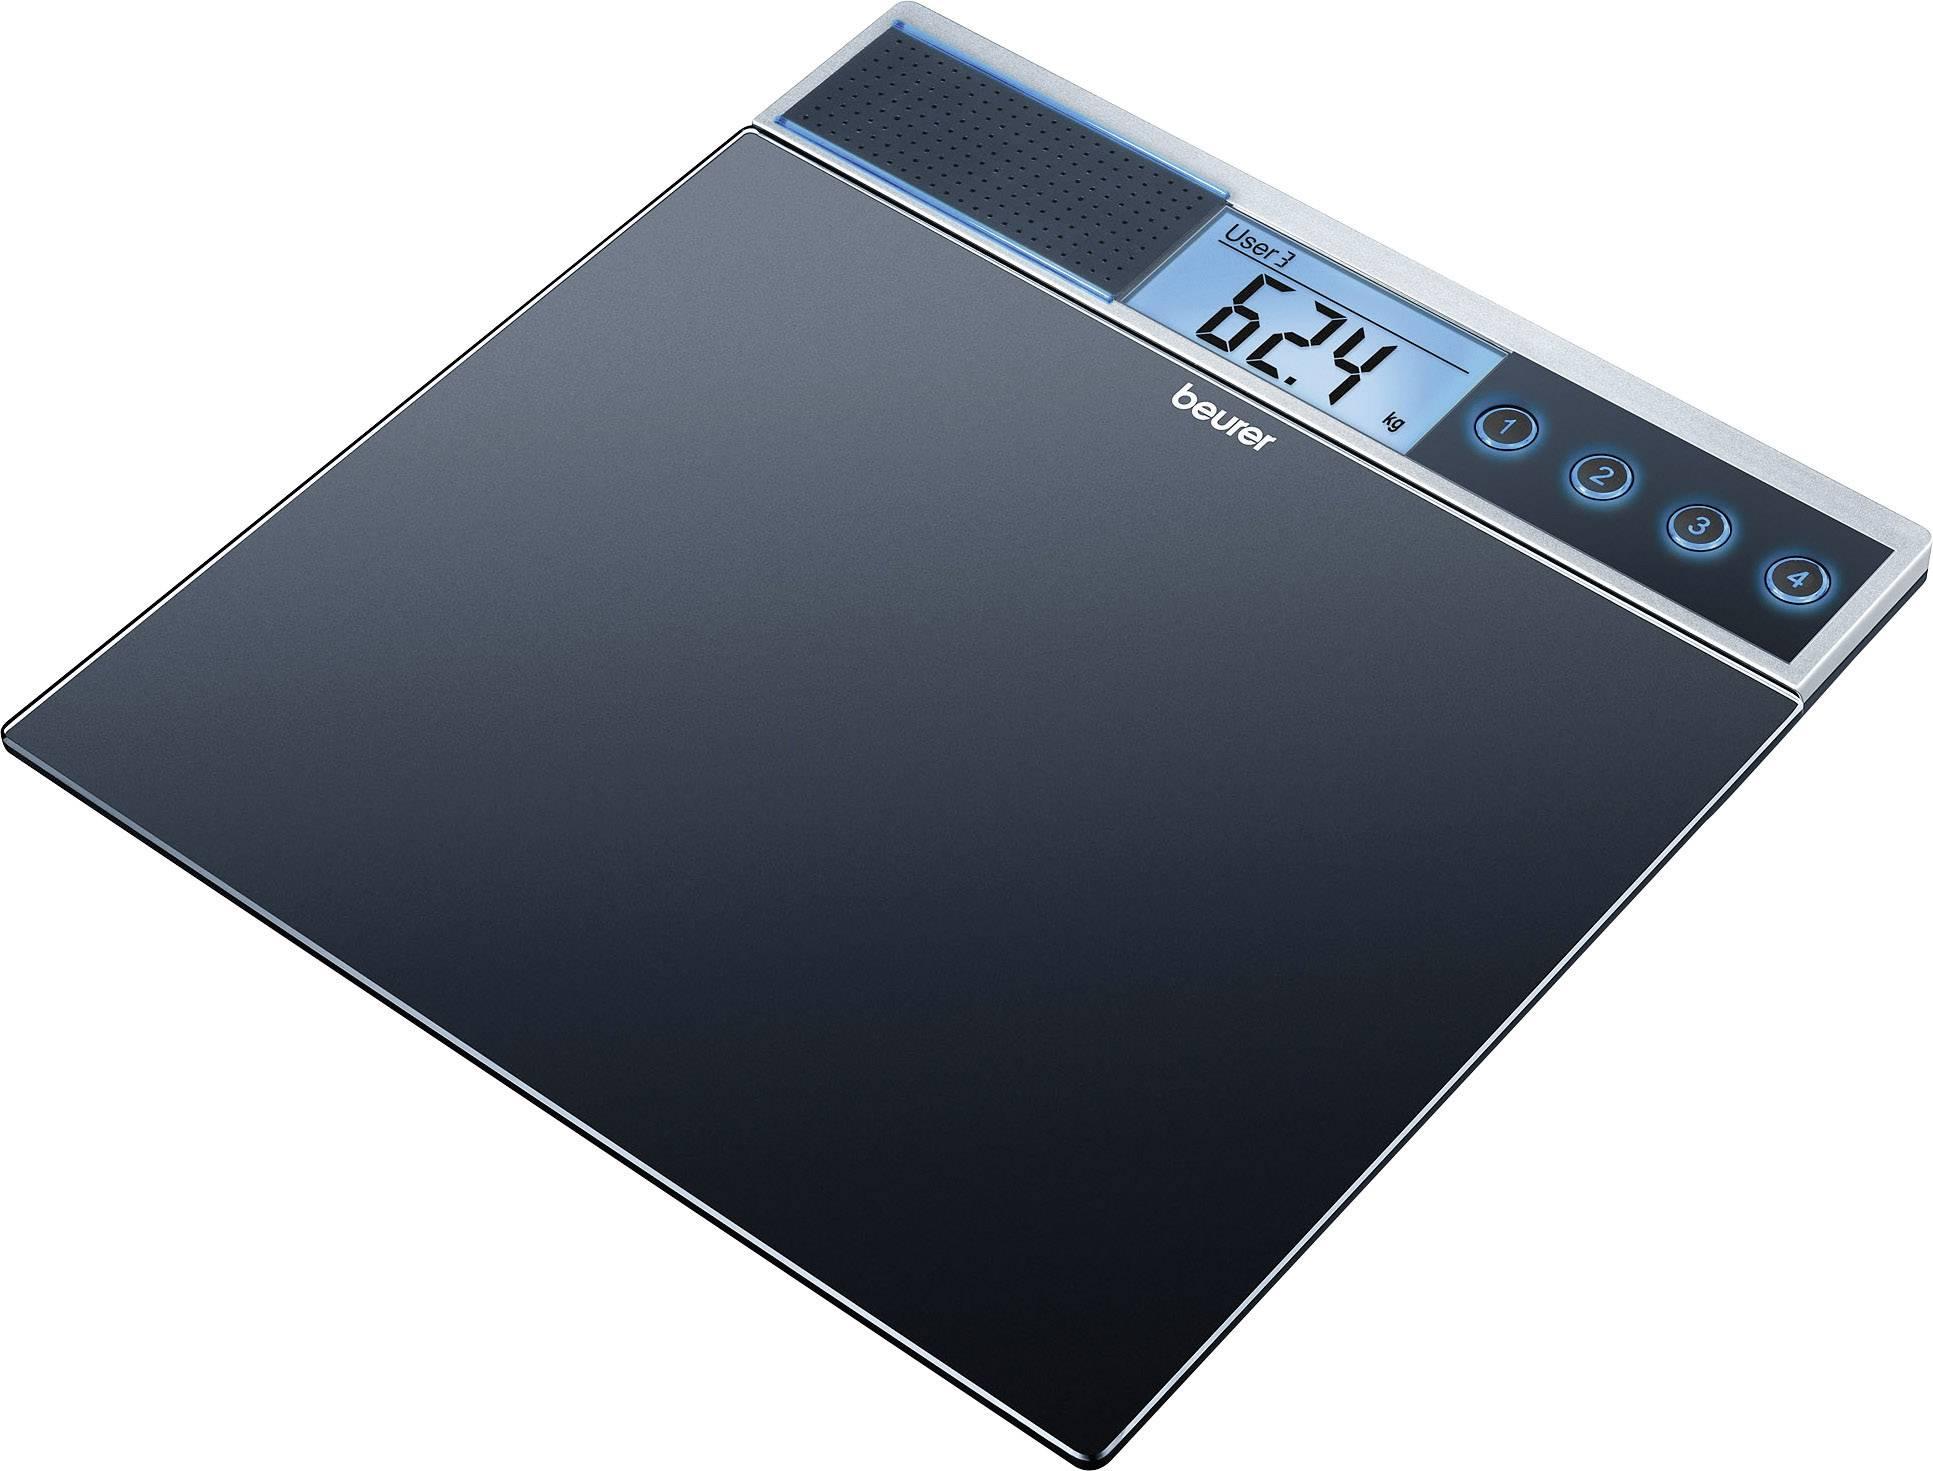 Skleněná váha Beurer GS 39, 744.00, mluvící více jazyky, černá